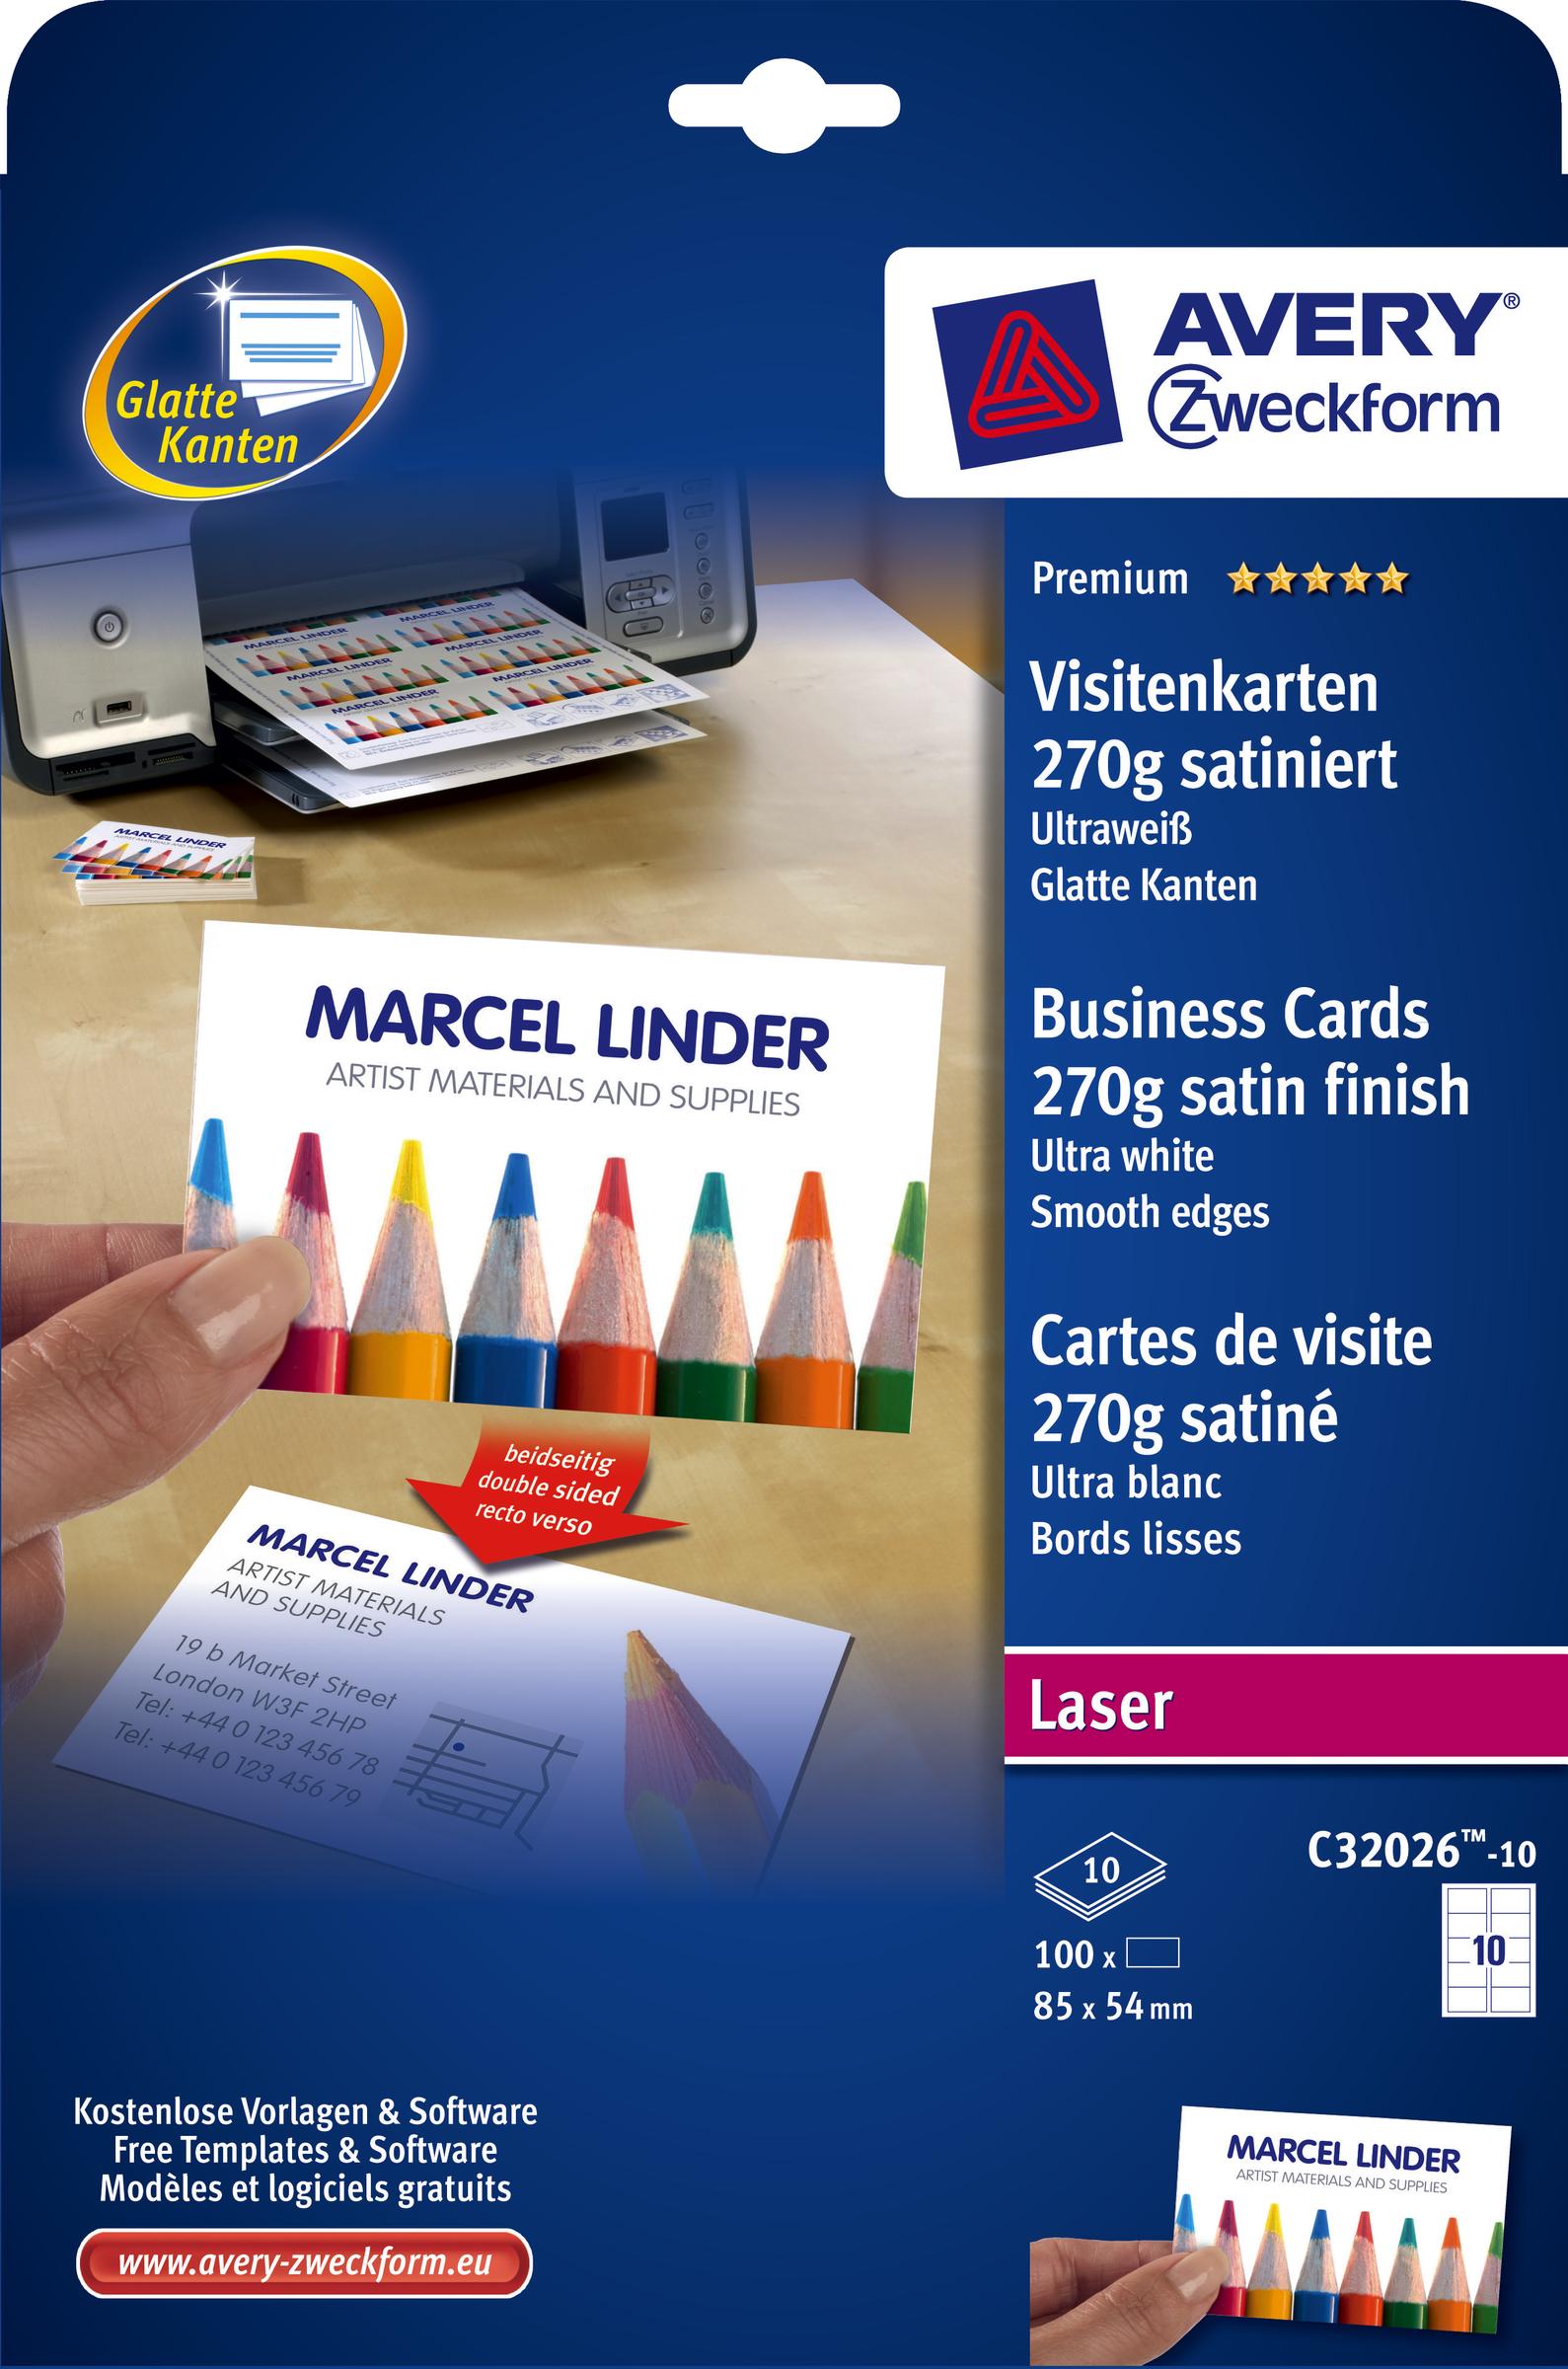 Details Zu Avery Zweckform Visitenkarte Laser 270 G M 85 X 54 Mm Ultraweiß Satin